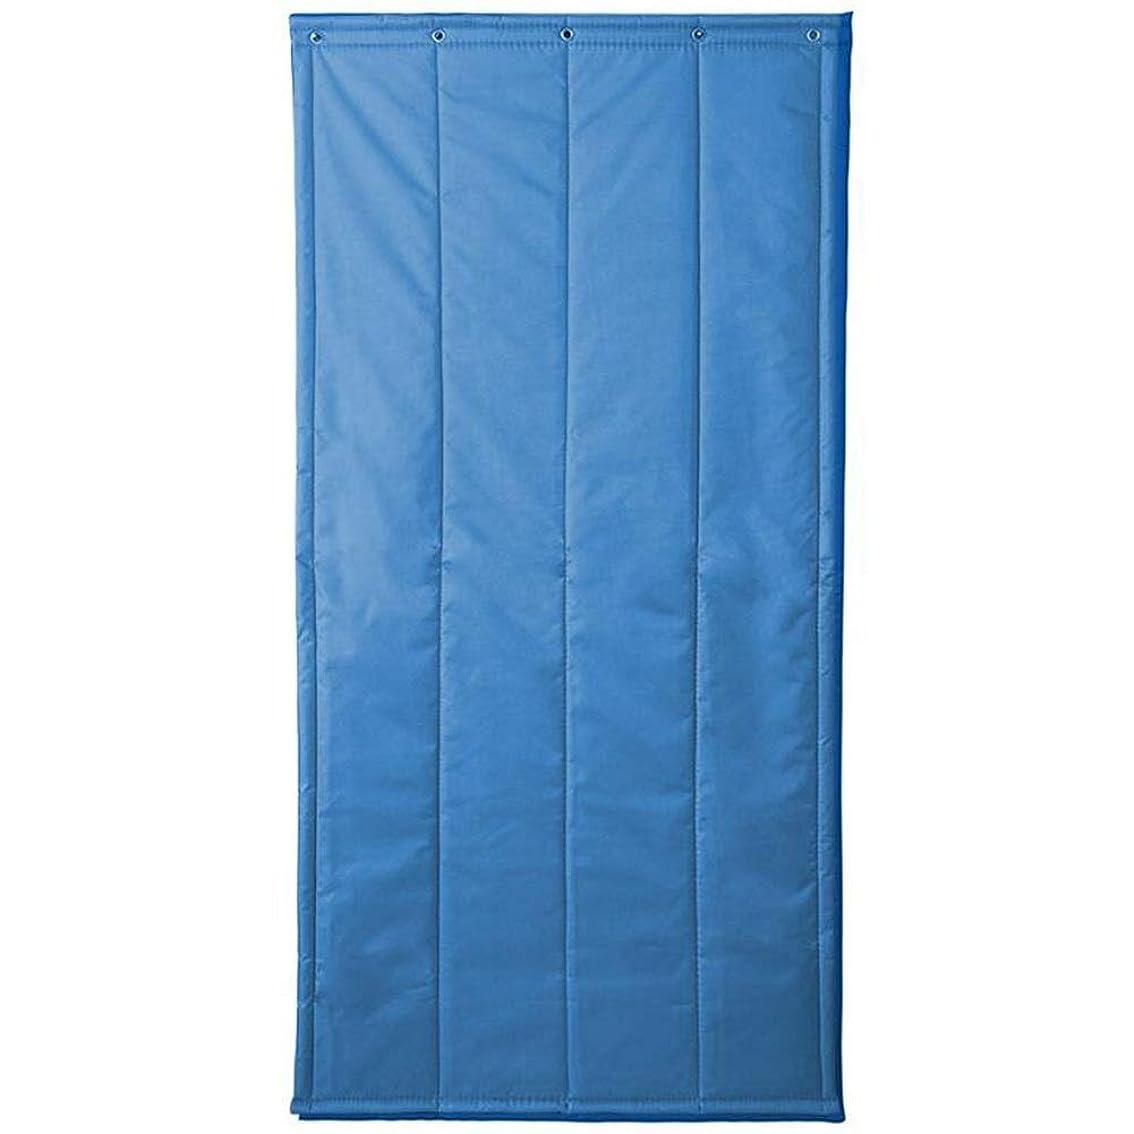 雑品心配統計ドアカーテン 防水 保温 防風 ノイズ減少 屋内パーティション 耐摩耗性、 4つのスタイル、 カスタムサイズ (Color : A, Size : 130x210cm)